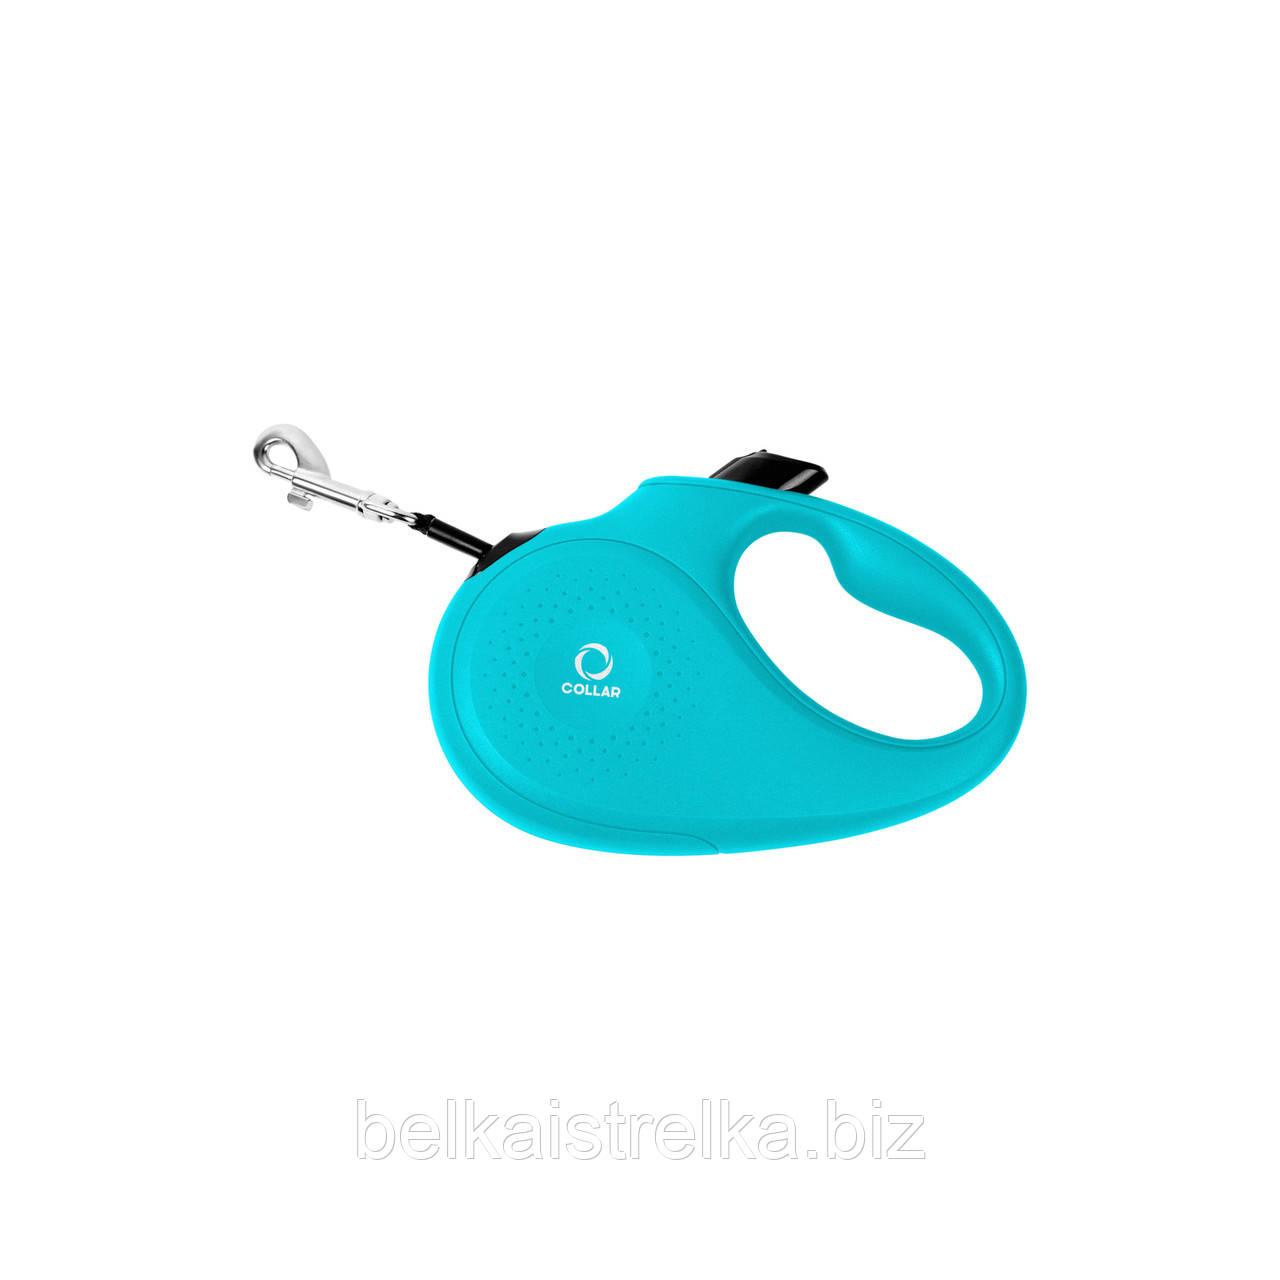 Поводок-рулетка COLLAR S для собак до 15 кг, лента, голубая